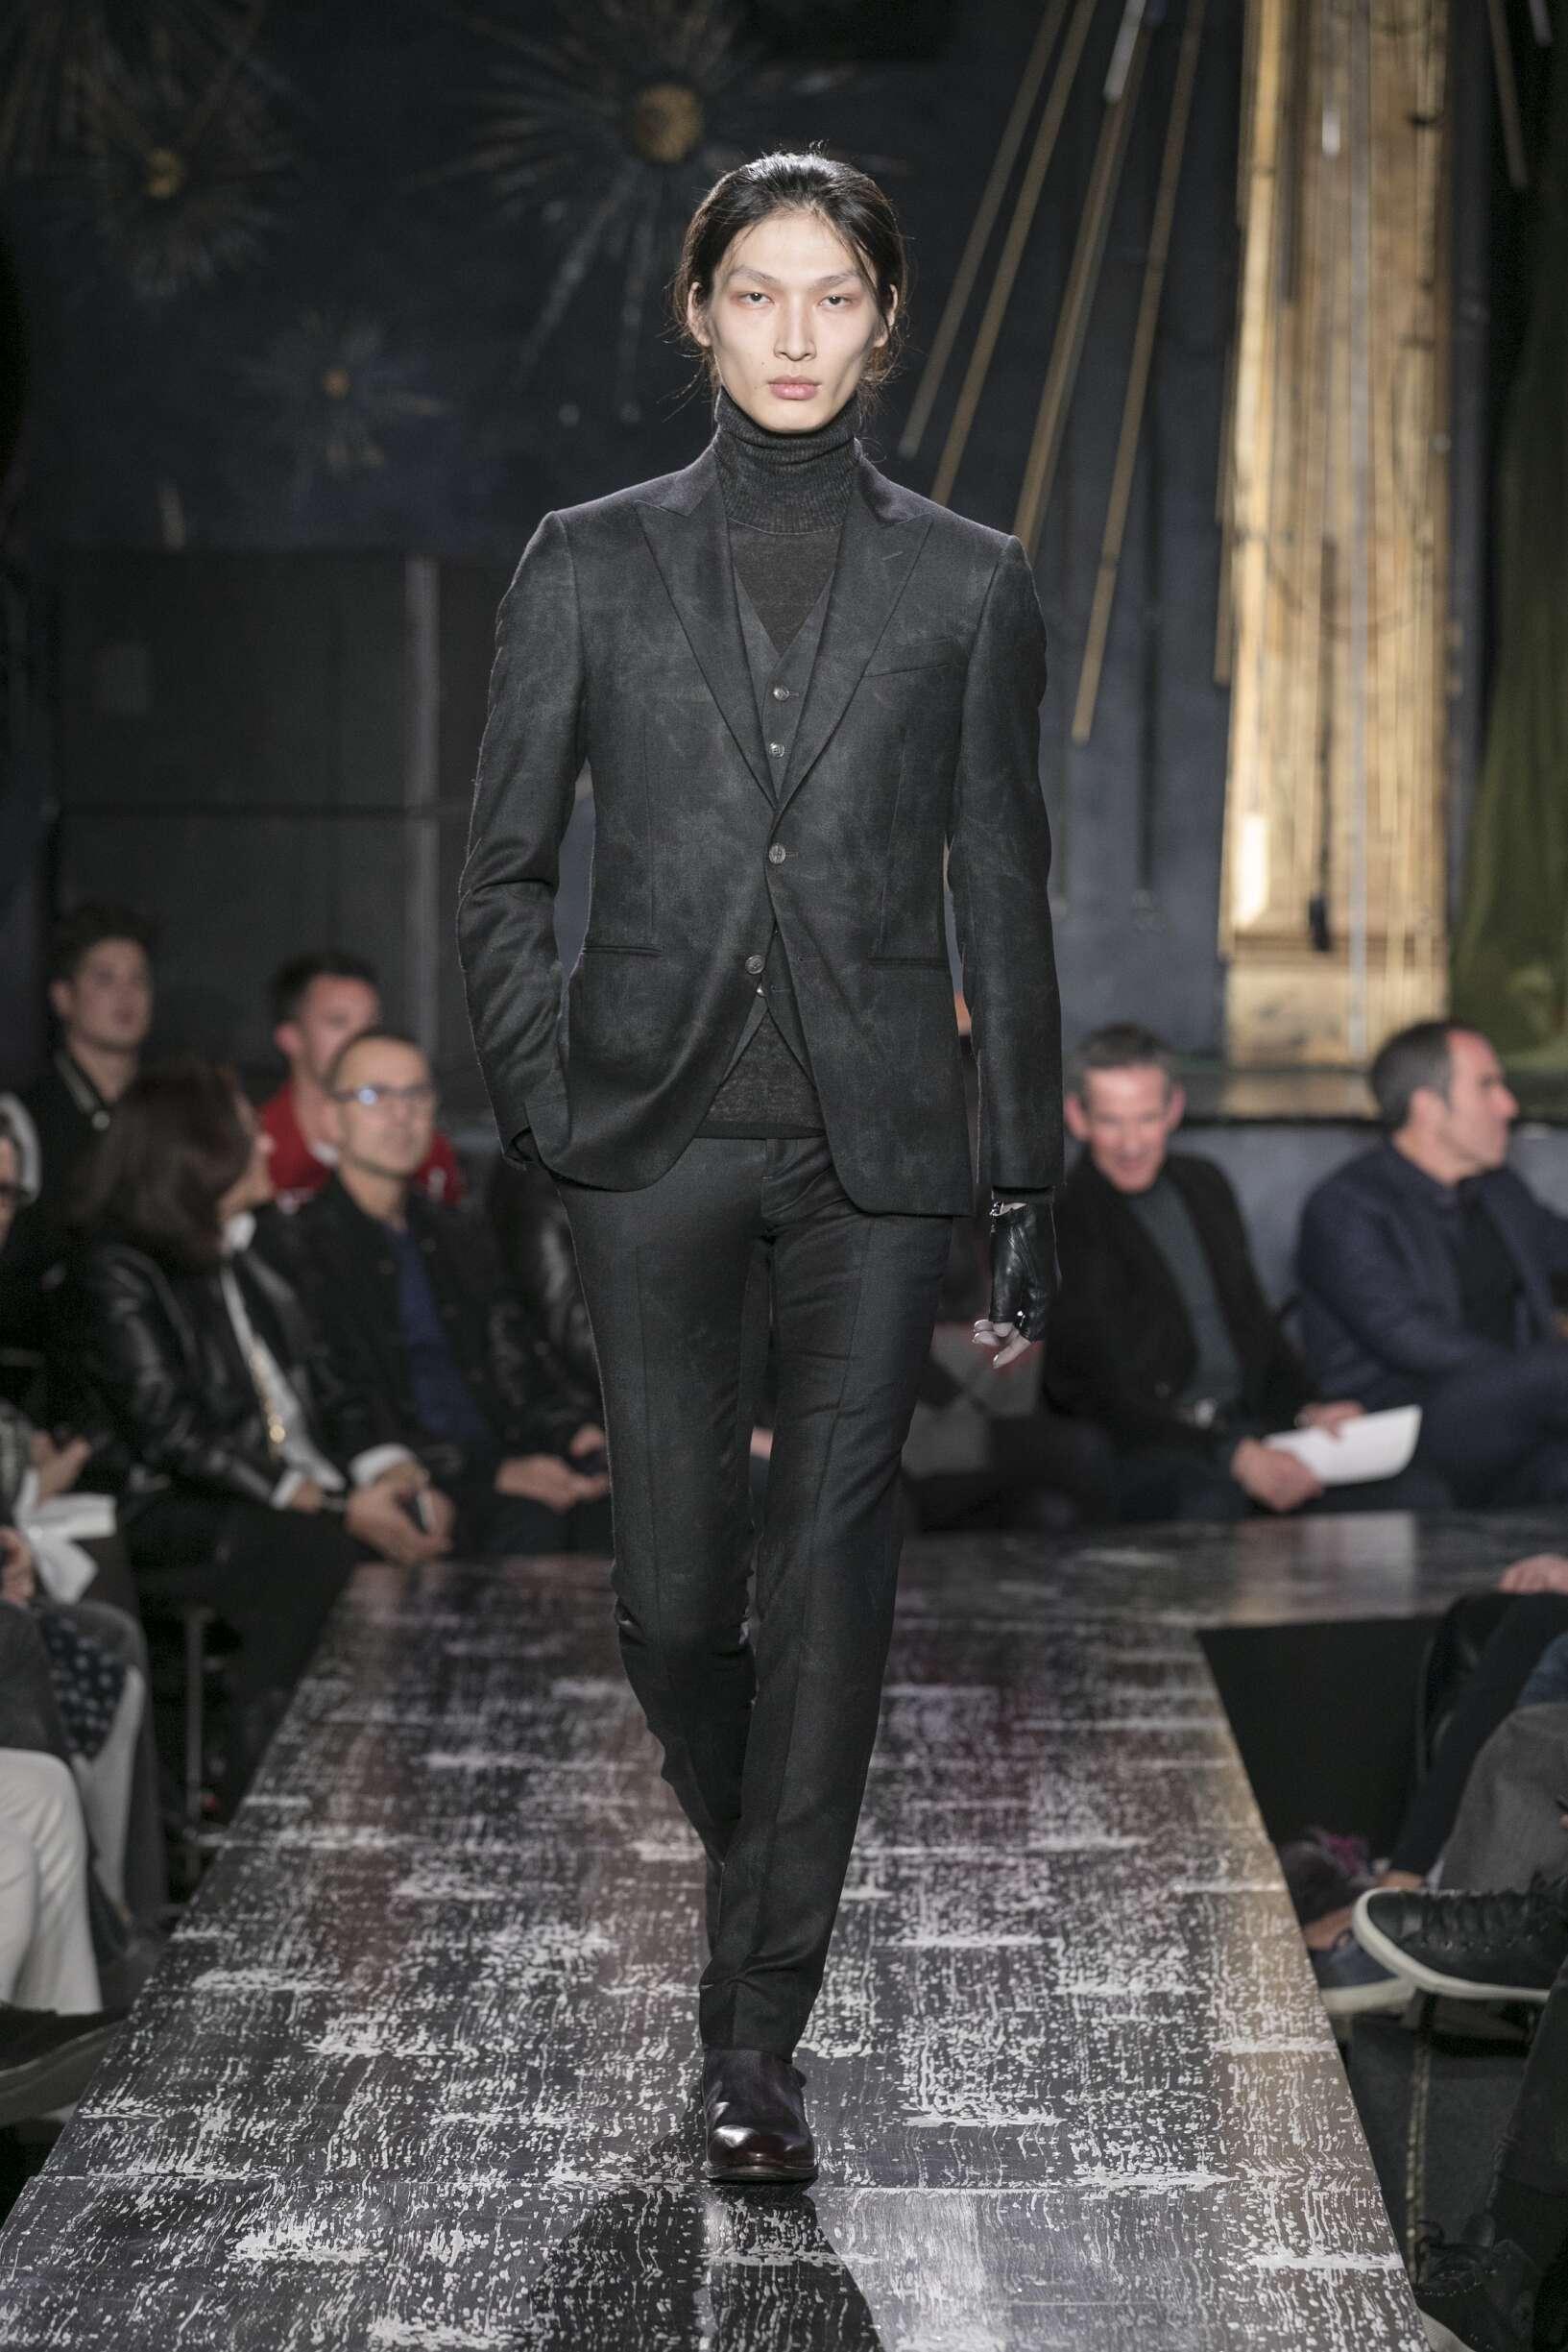 Fashion Model John Varvatos Catwalk